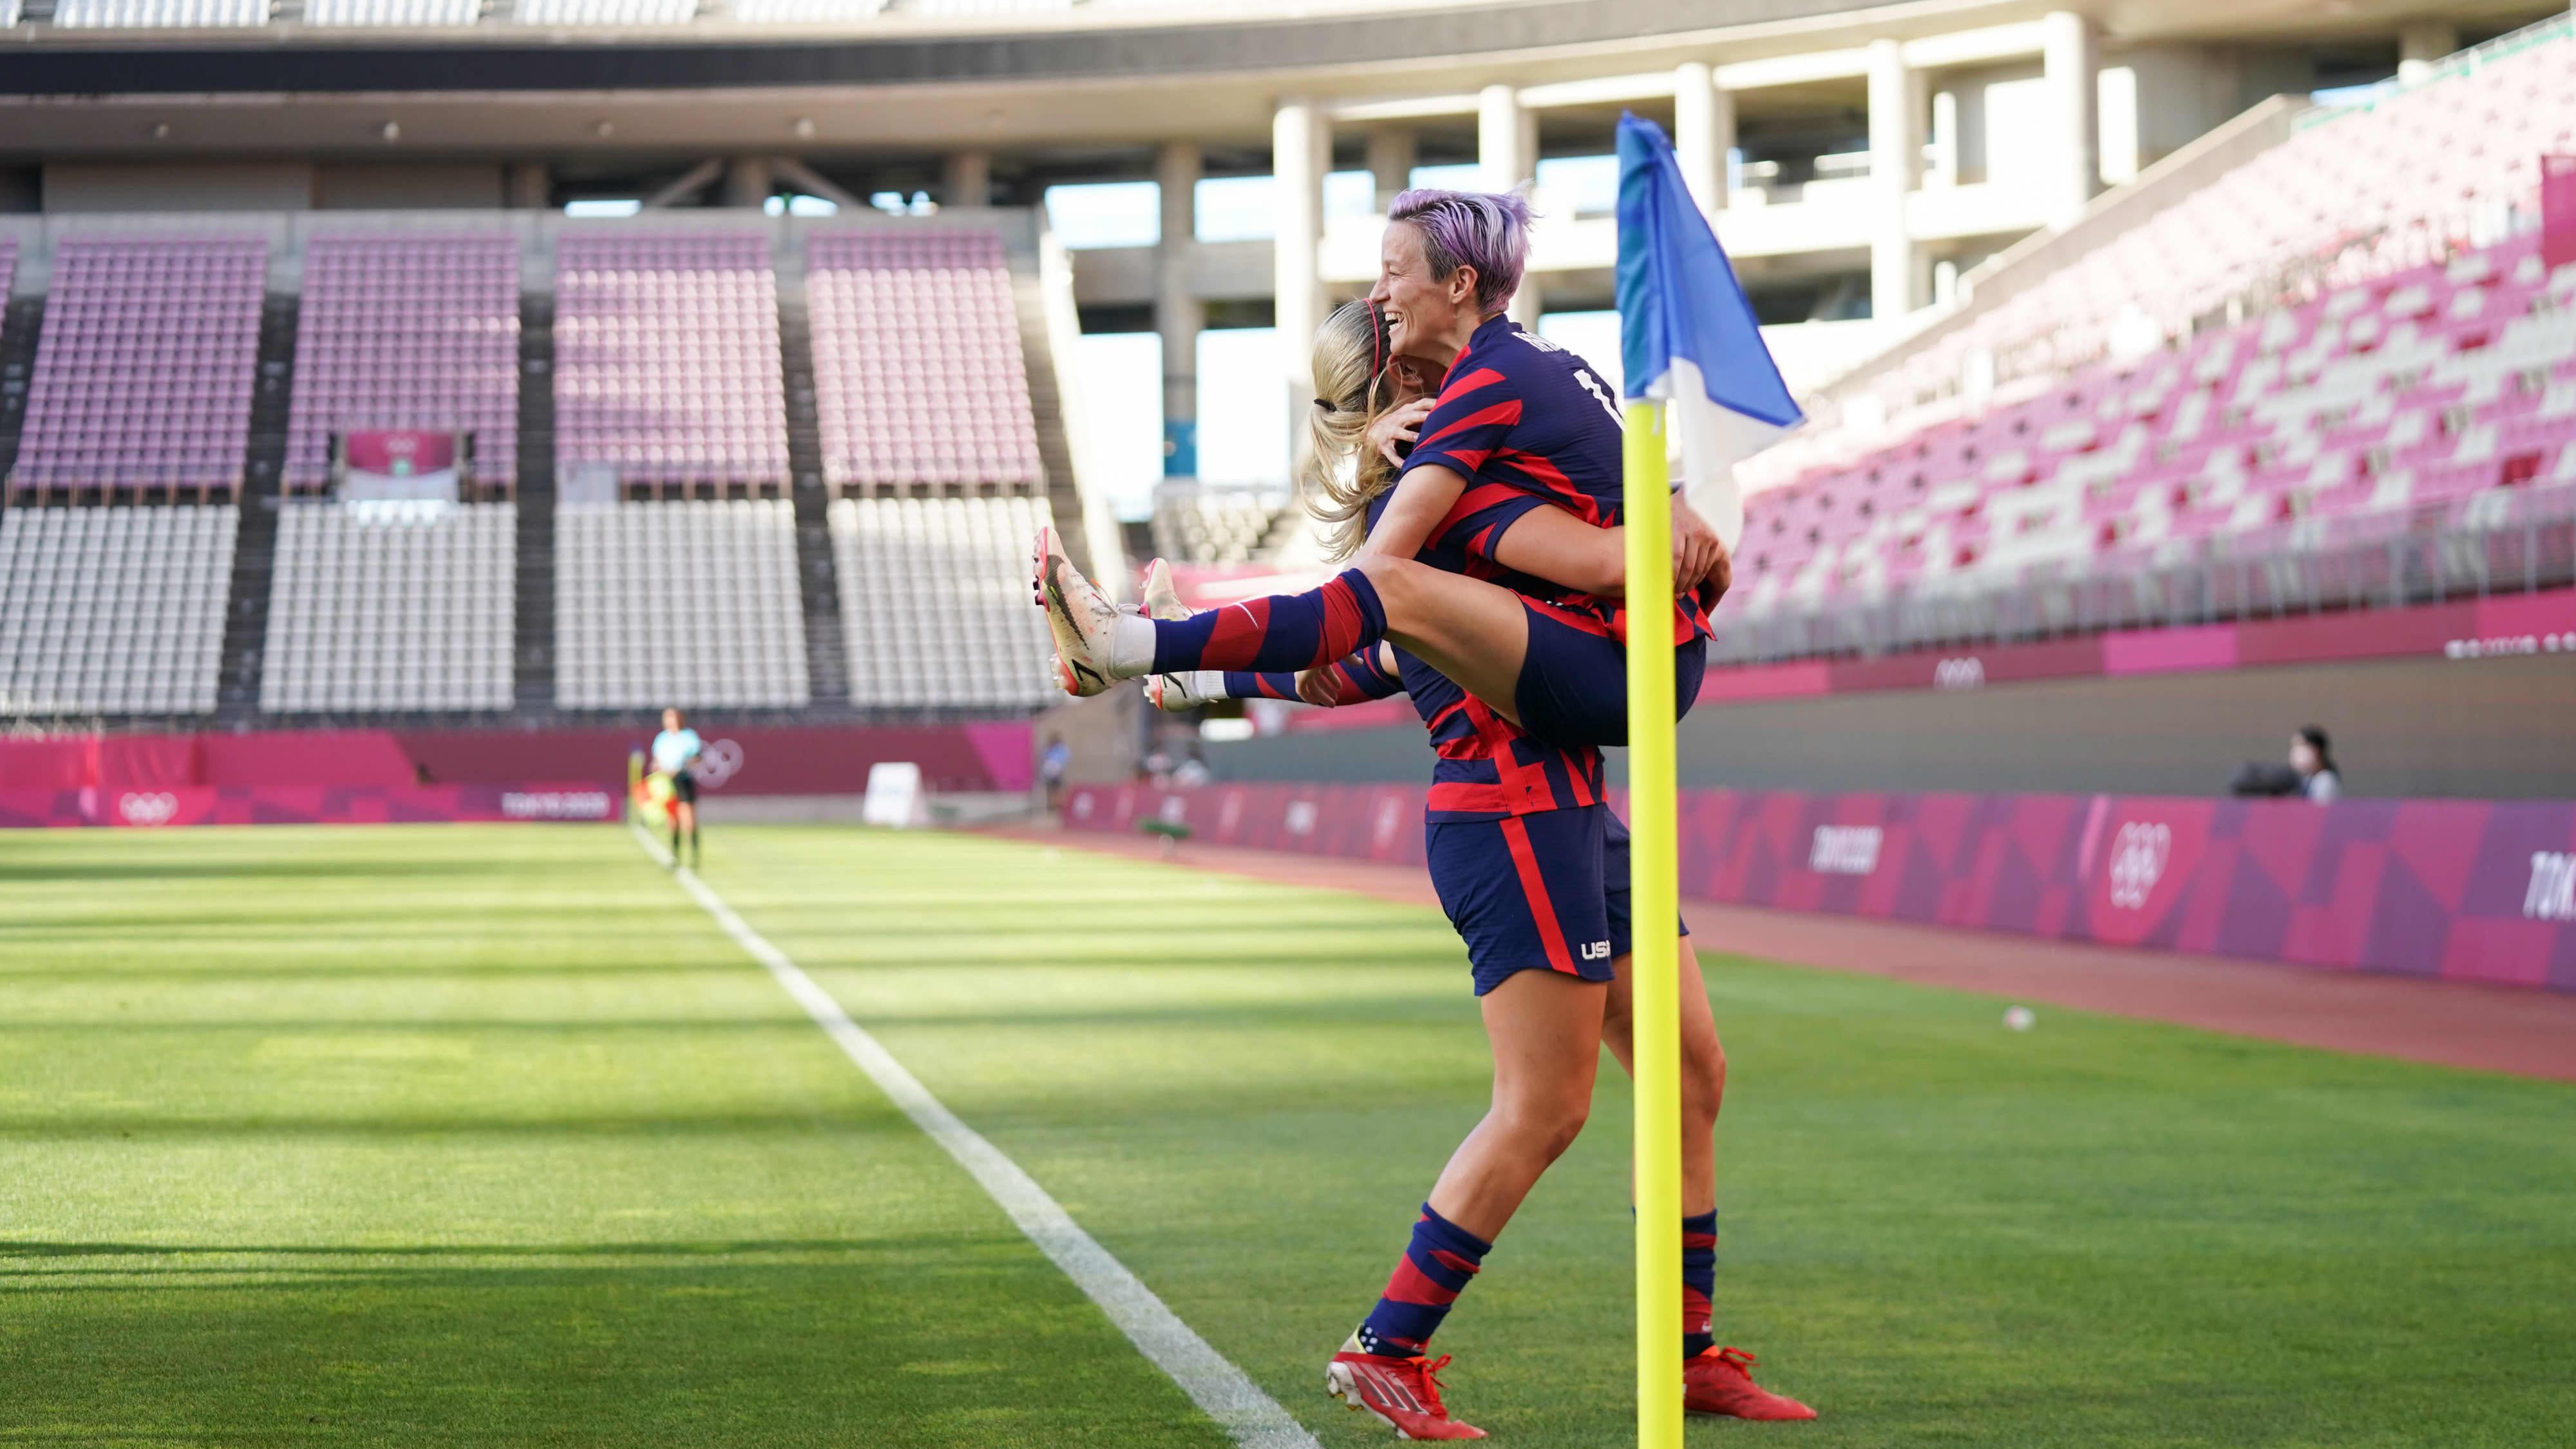 Yhdysvaltoihin jalkapallon olympiapronssia! Katso, kuinka Megan Rapinoe laukoo maalin suoraan kulmapotkusta